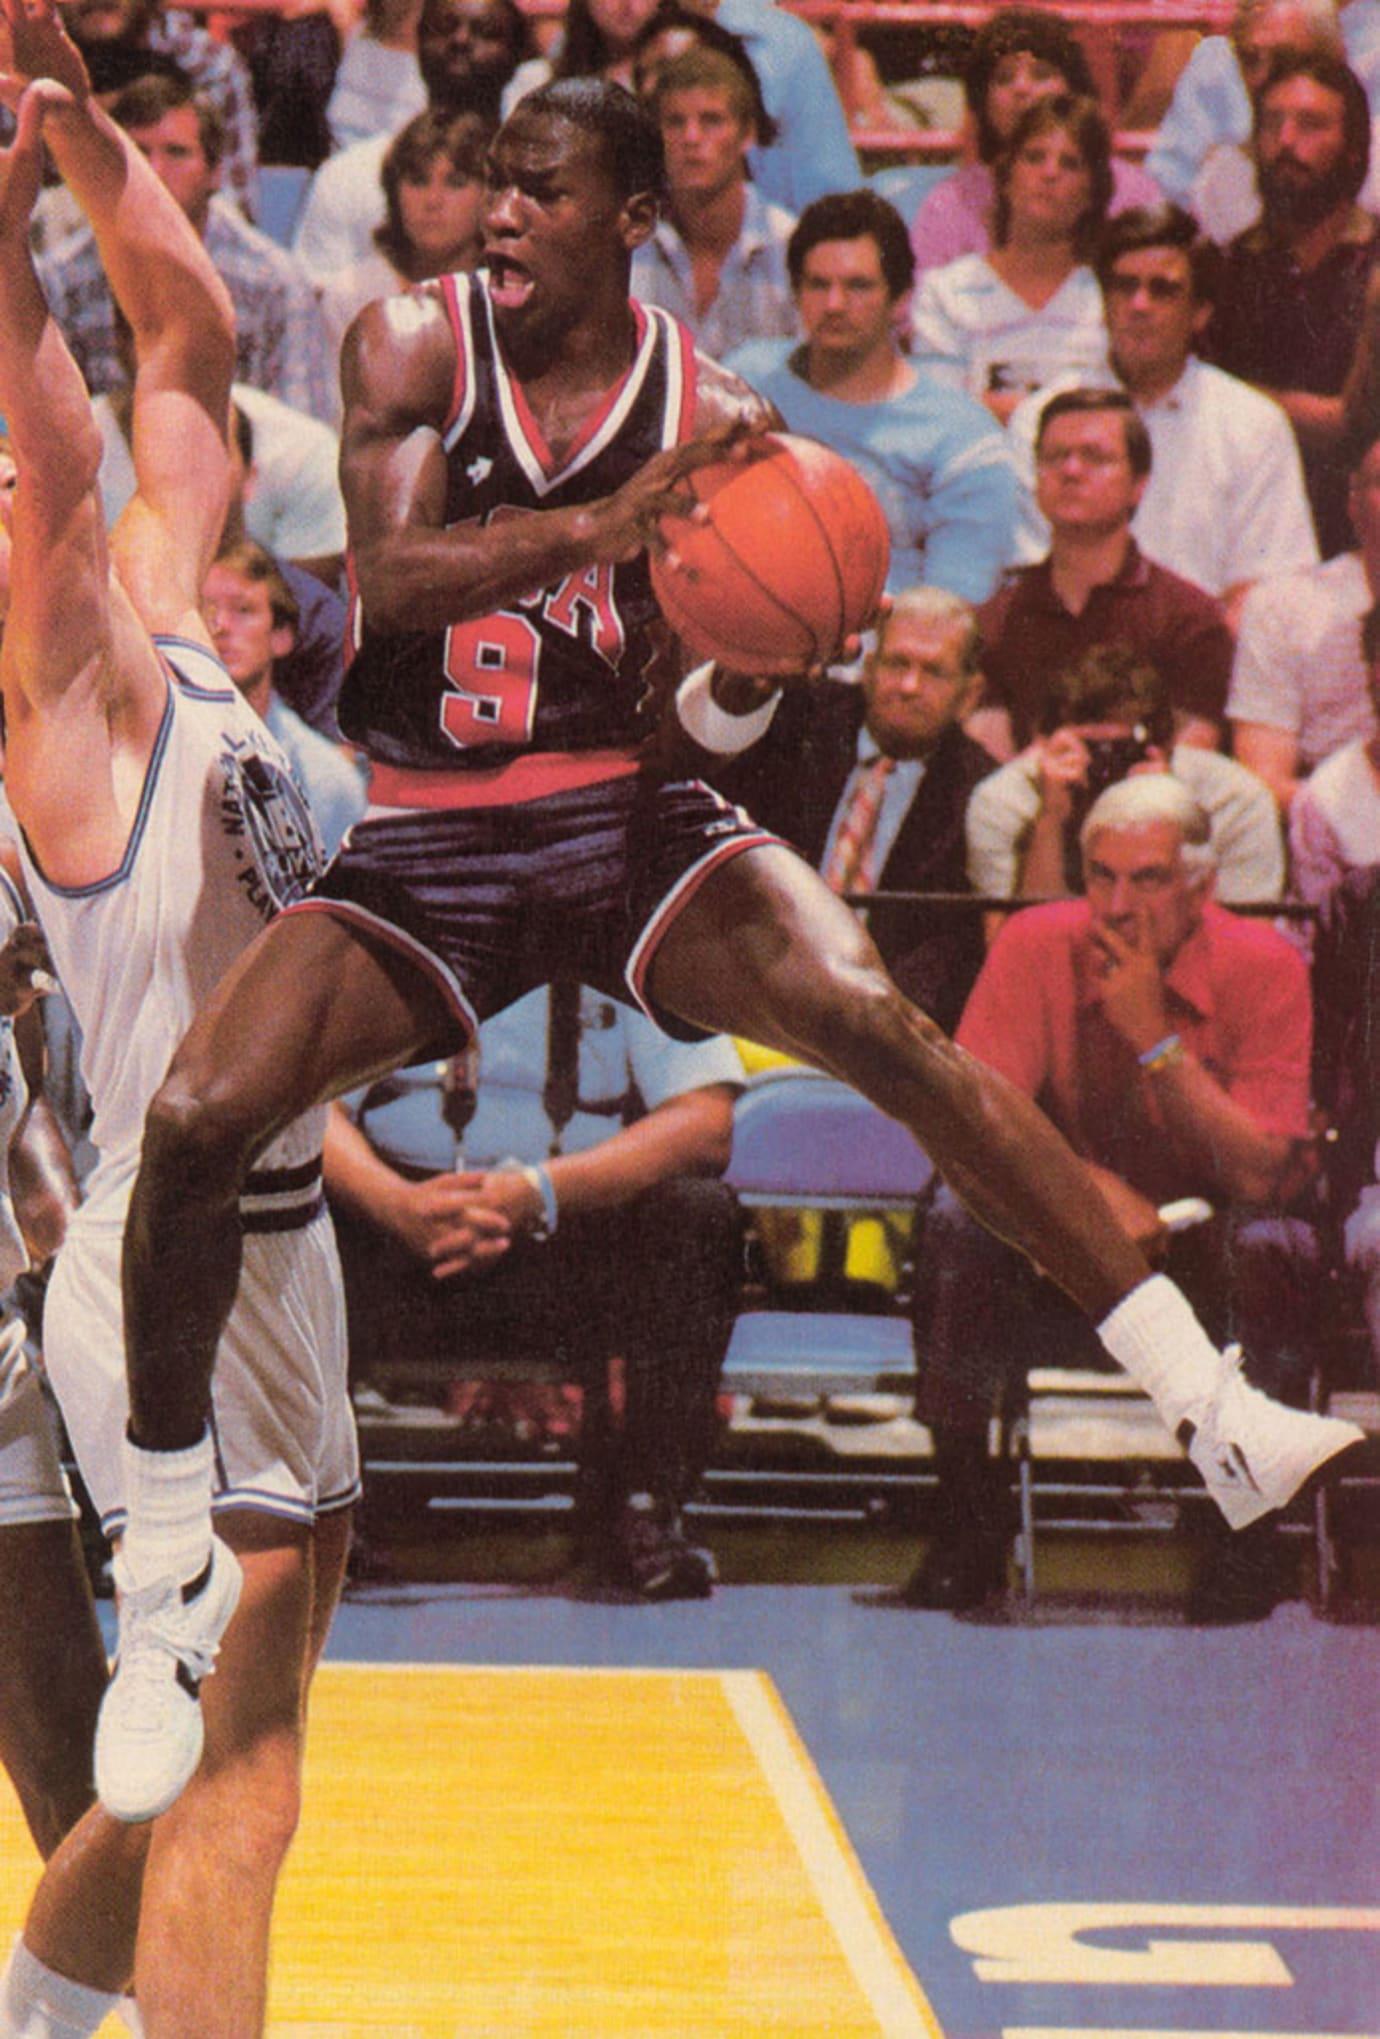 Michael Jordan 1984 Olympics